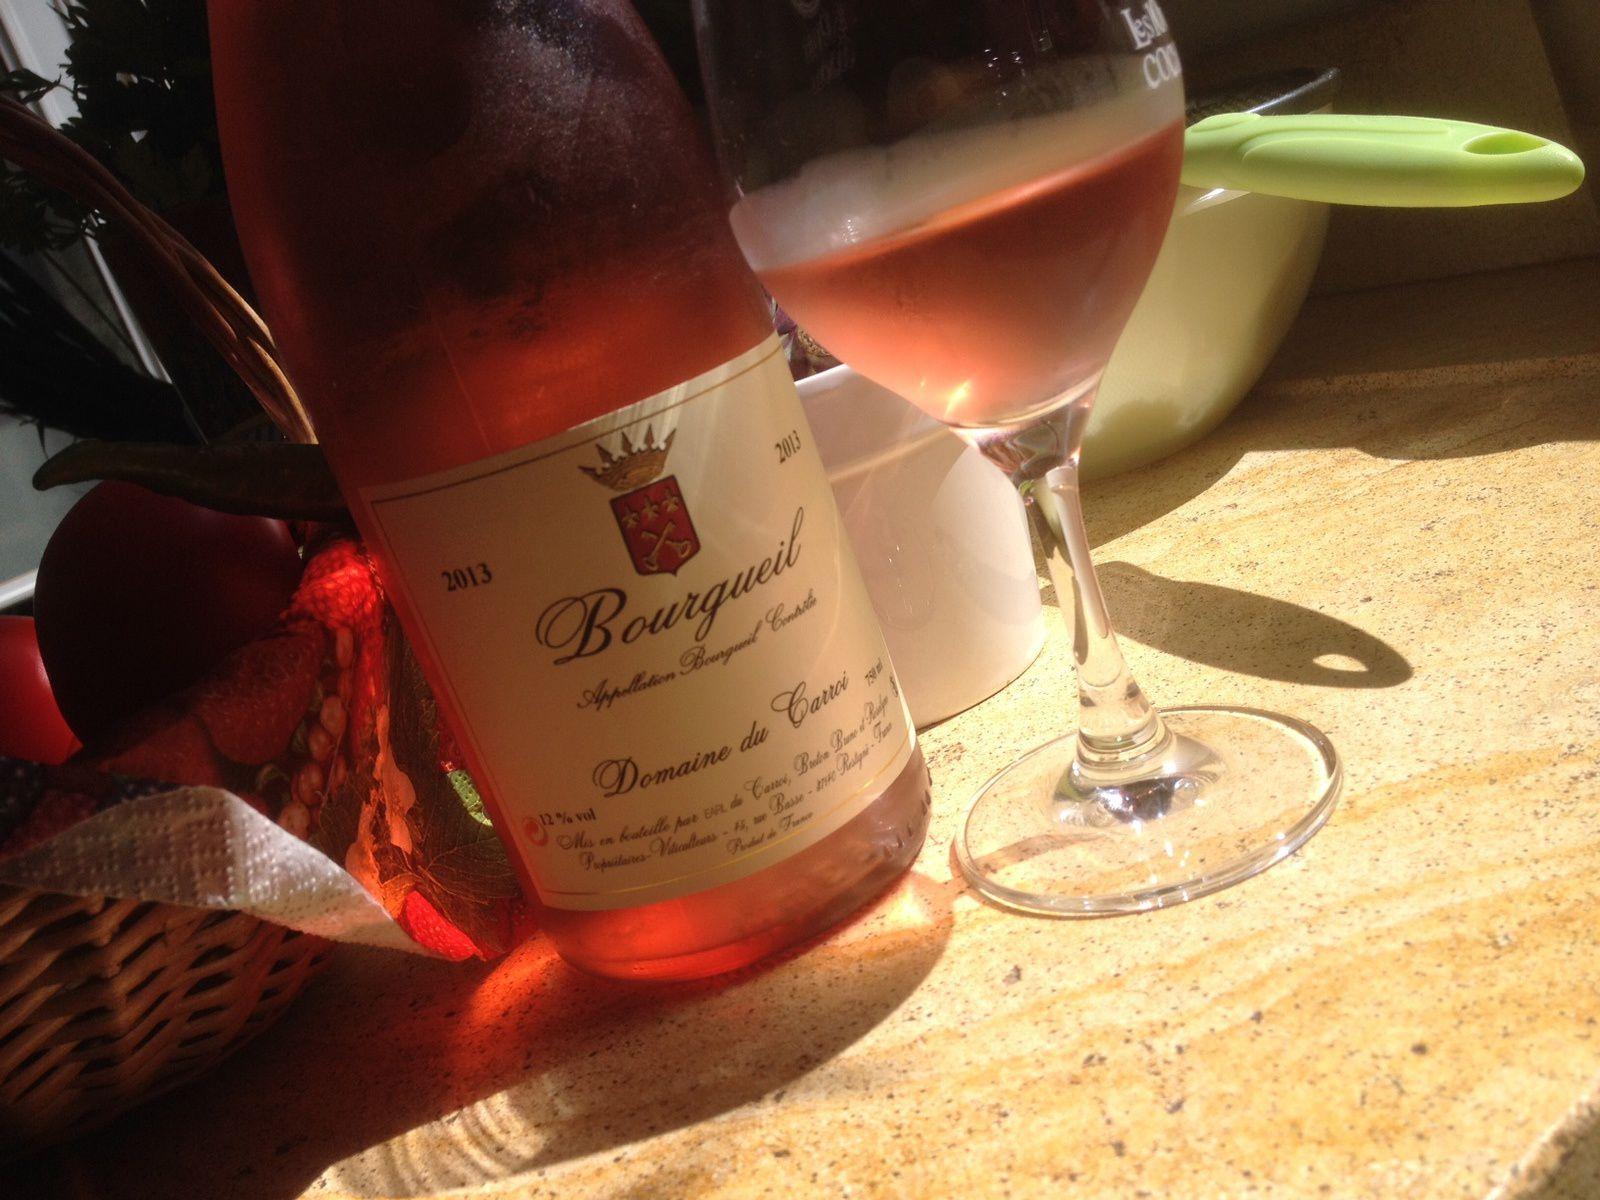 - Du cabernet franc pour ce  bourgeuil rosé du Domaine du Carroi de Bruno Breton. On est là dans un registre de rosé vineux, plein de caractère, sur des notes de groseilles, de prunes rouges à peine mûres, de rhubarbe et sur une finale équilibrée. A ouvrir pour accompagner mâchon et repas estival  5,70 euros.